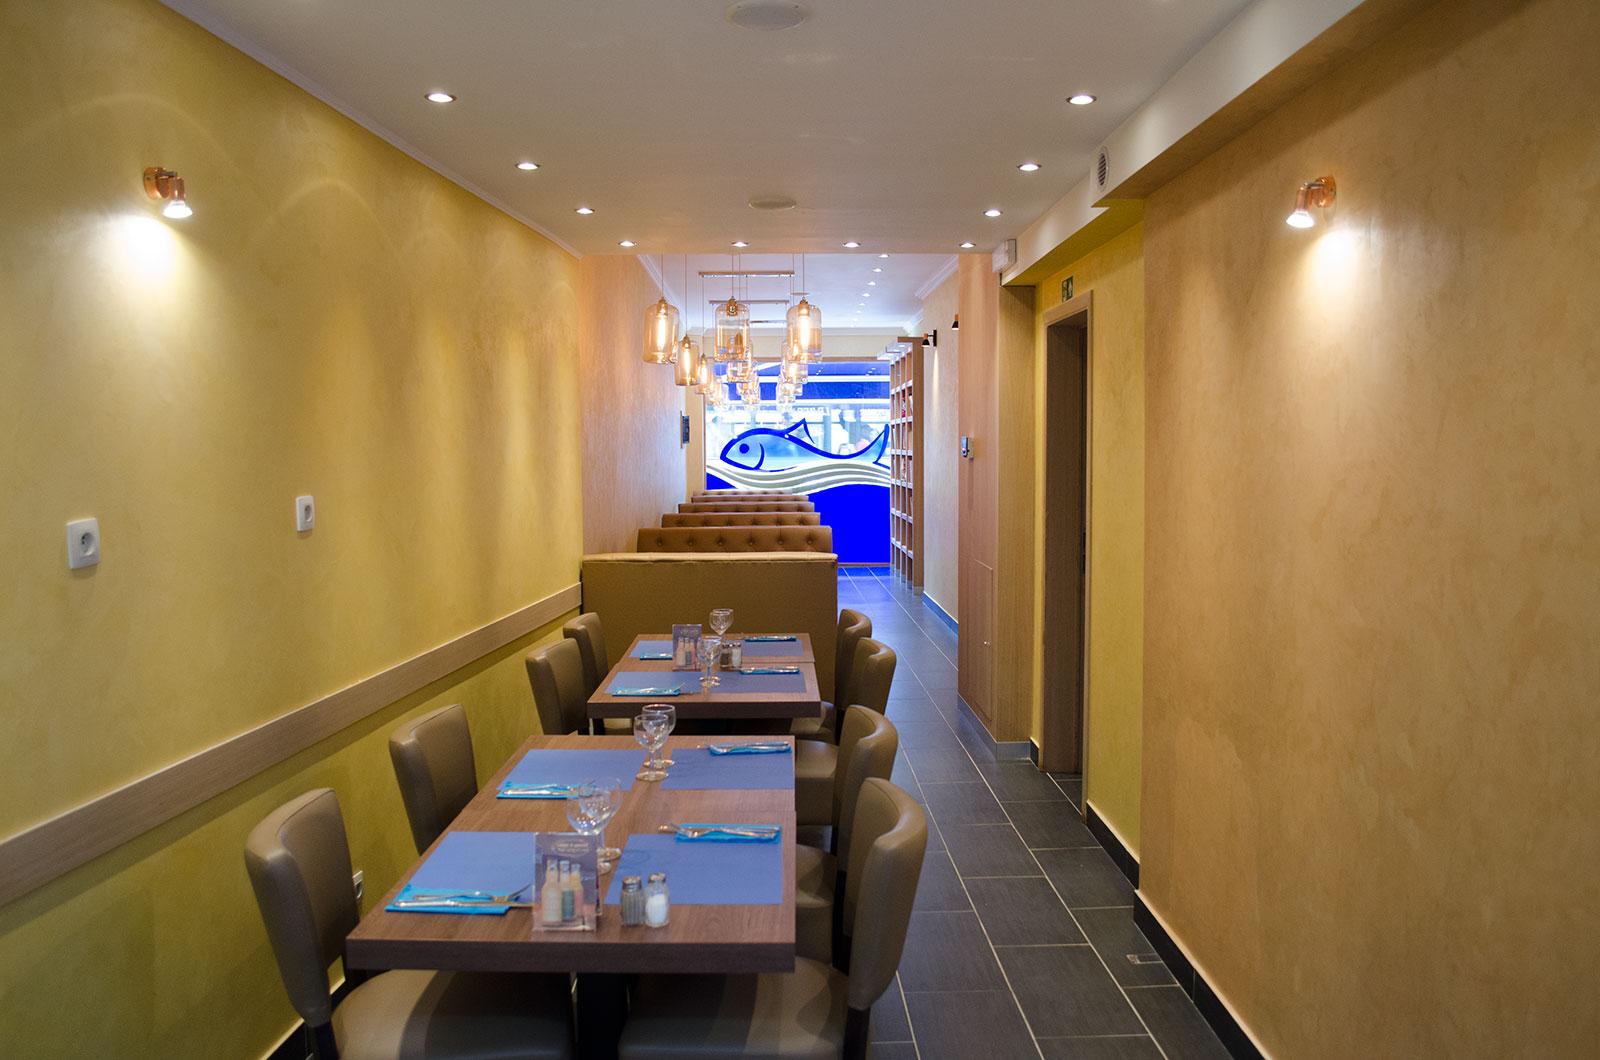 traiteur-img-8 - Livraison de poissons • Poissonnerie • Restaurant • Traiteur à Anderlecht